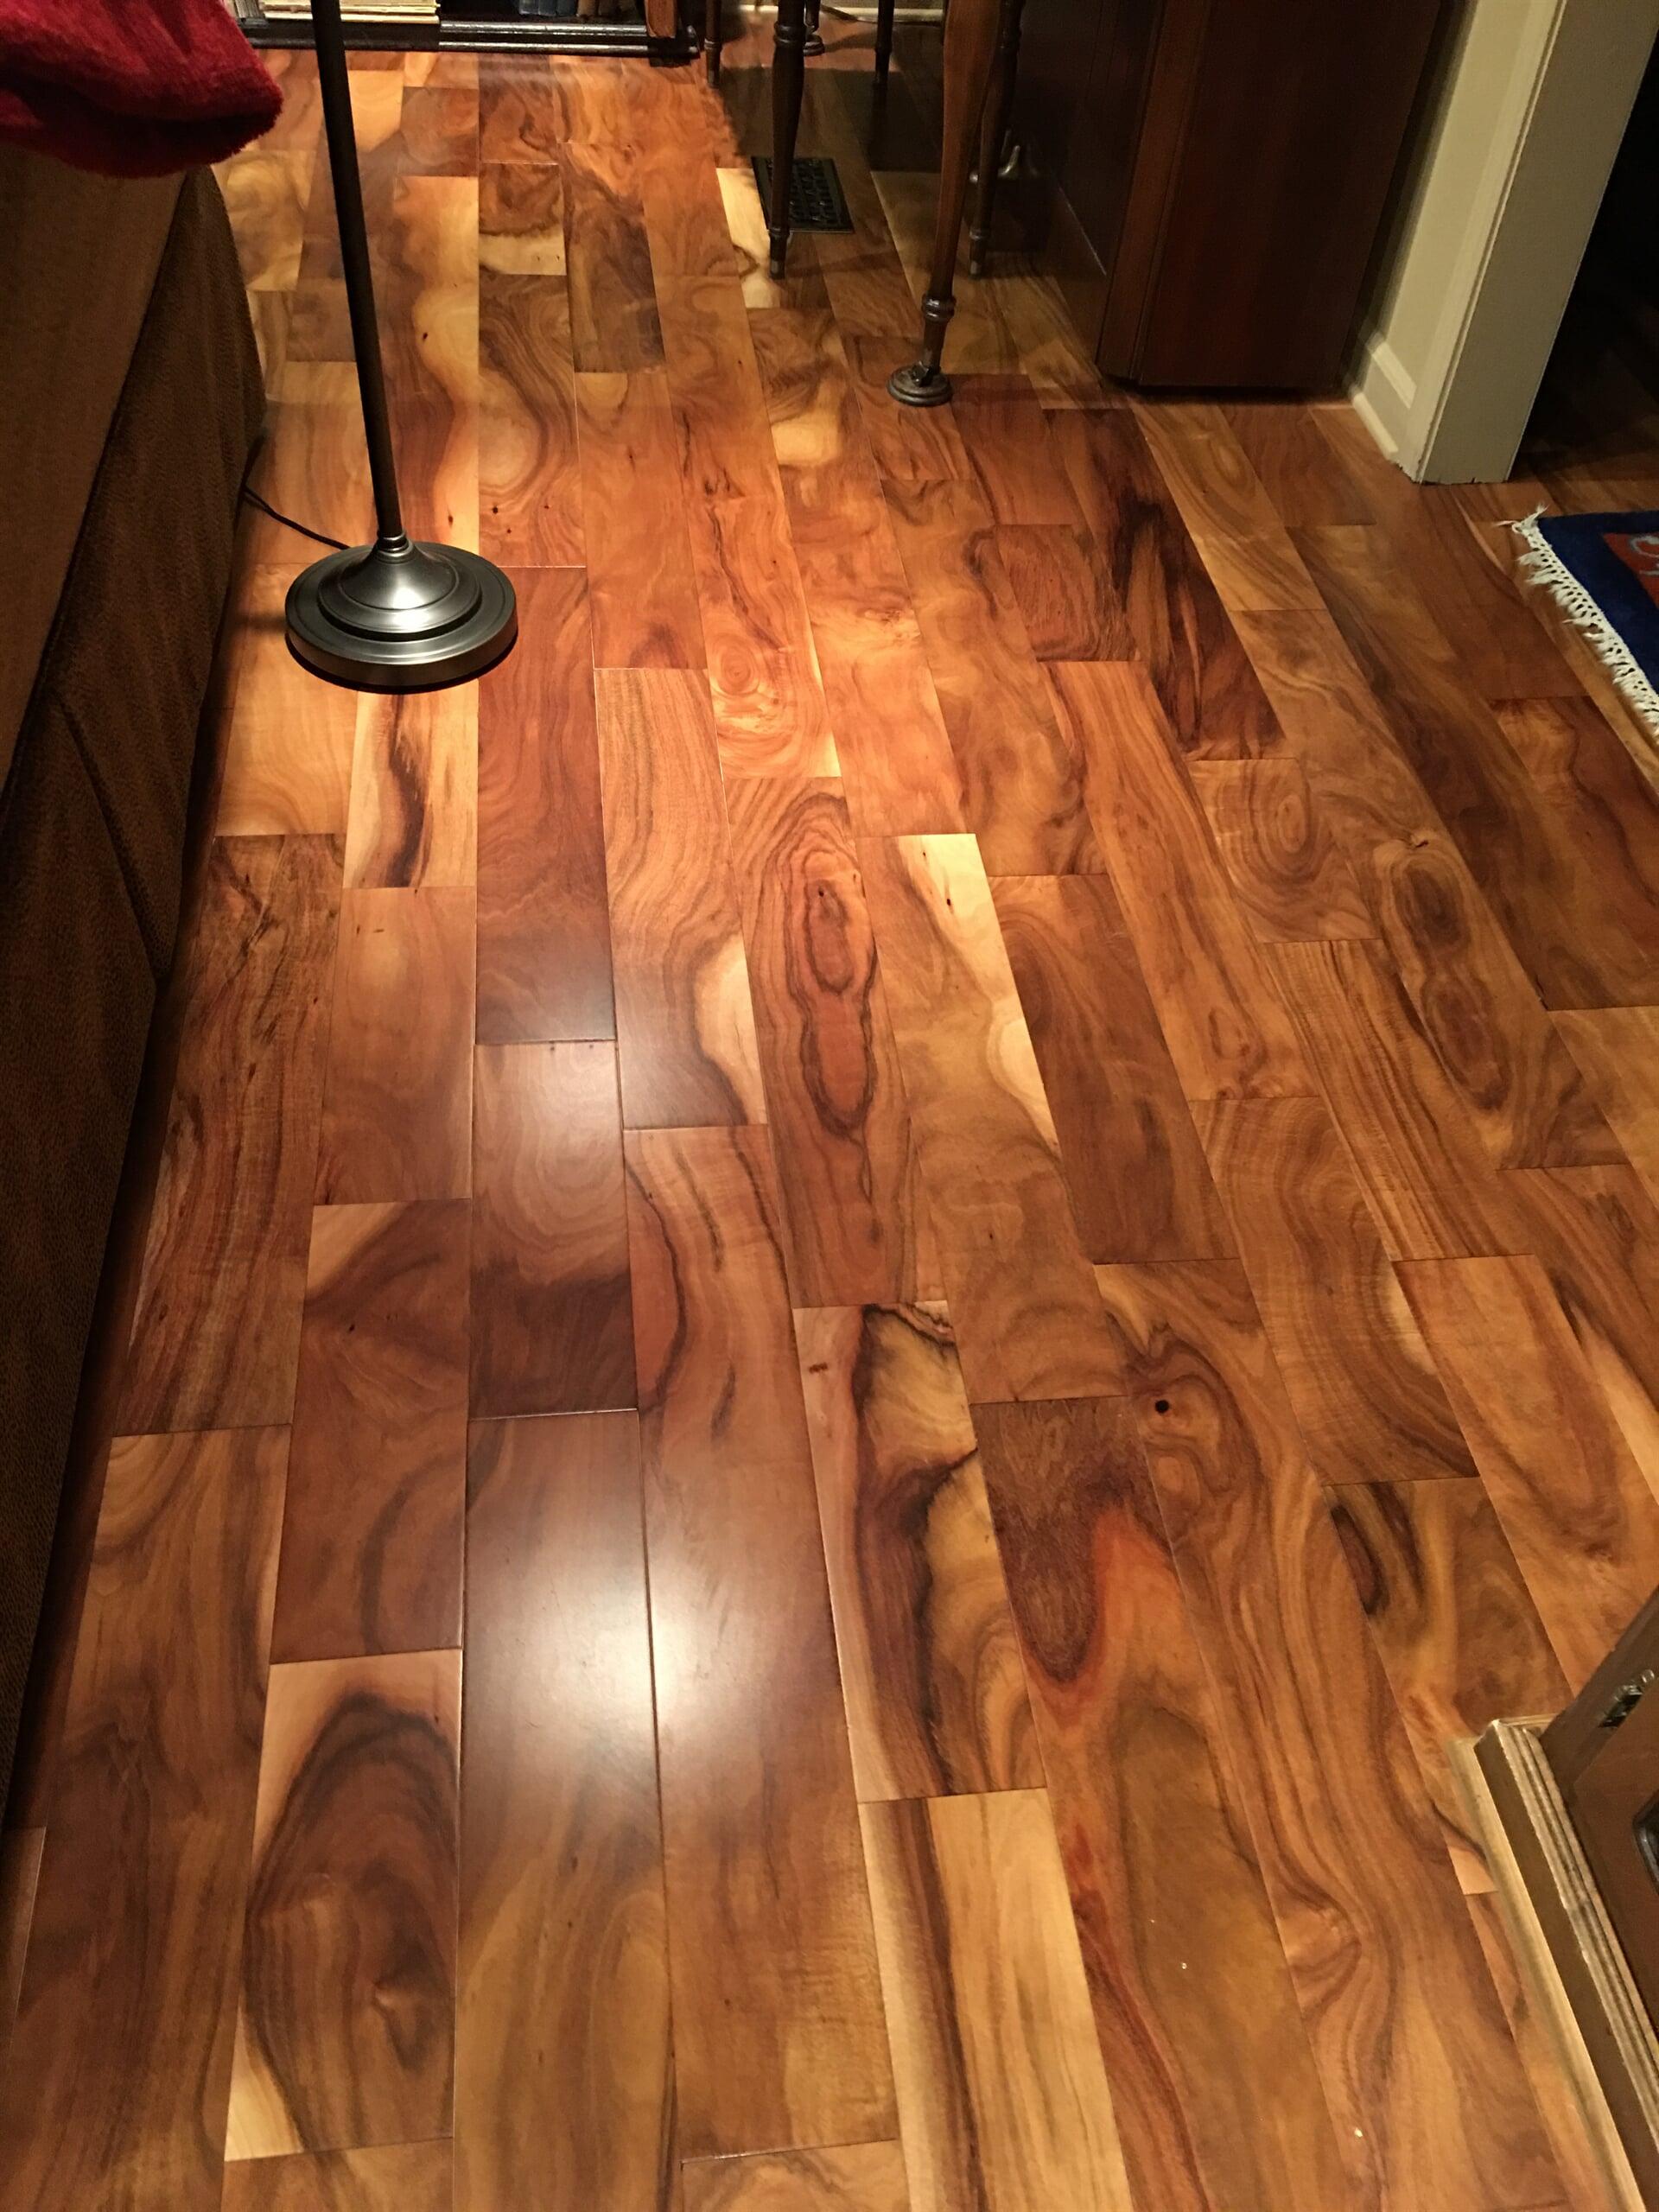 Wood floors from Roop's Carpet in Beebe, AR